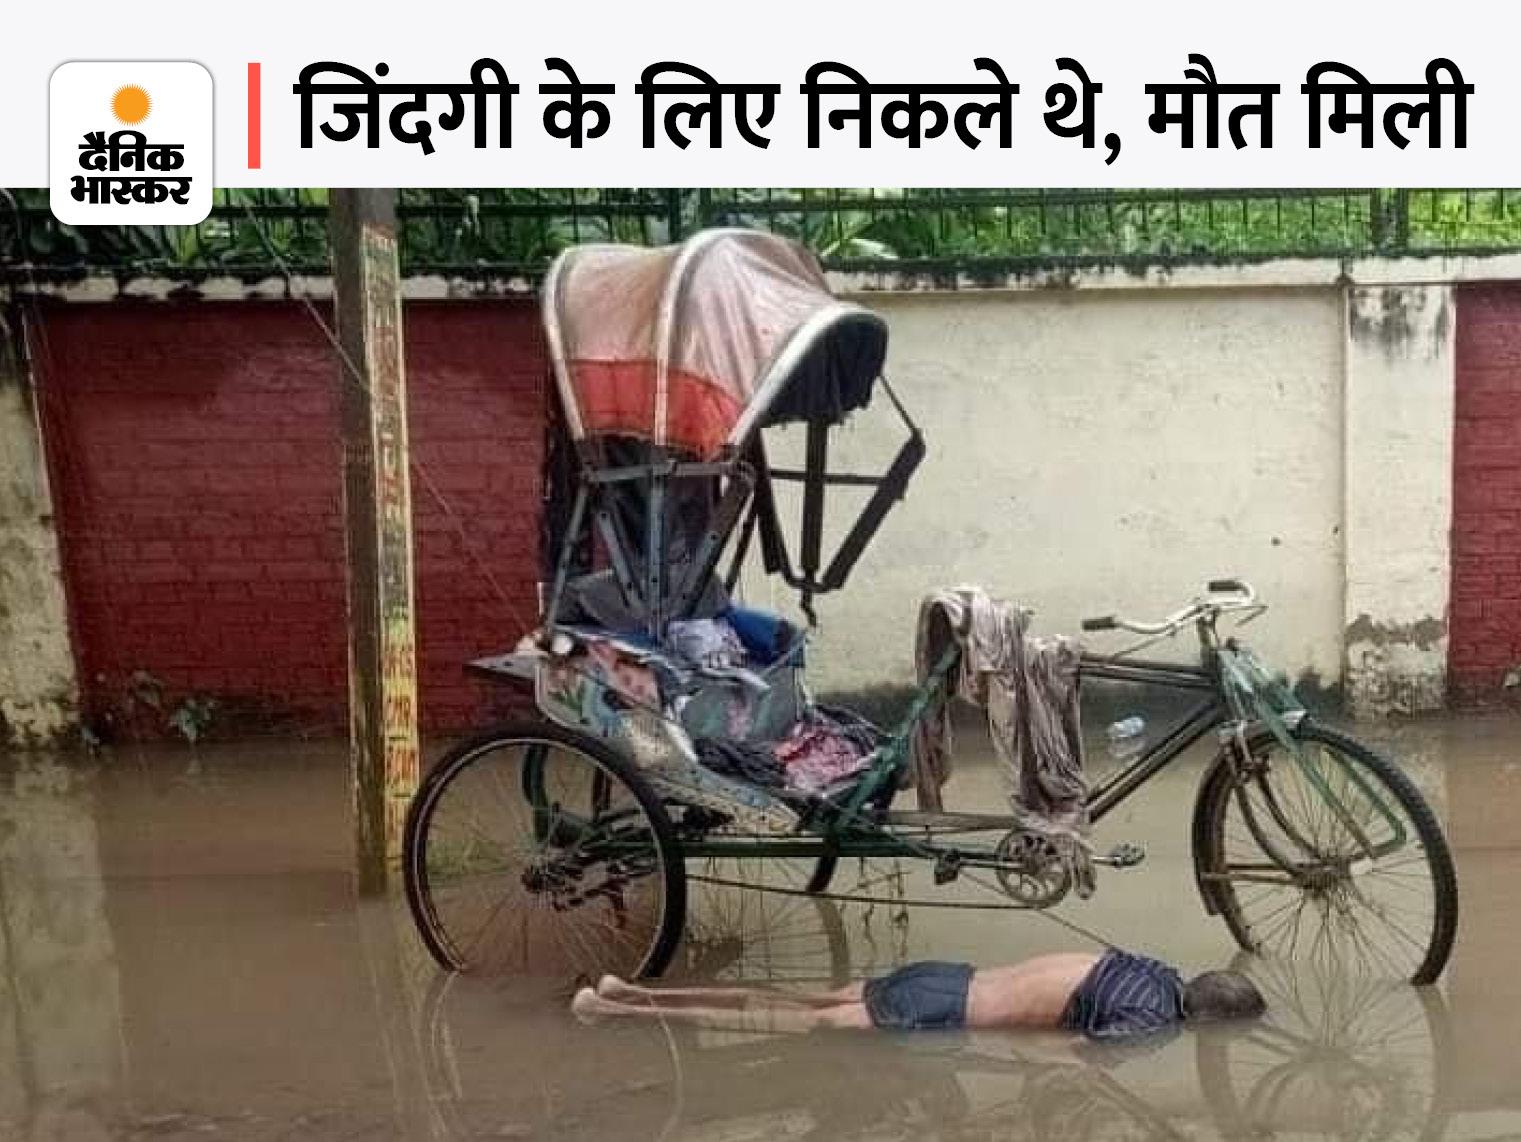 लखनऊ में बीच सड़क पानी में मिली गरीब रिक्शेवाले की लाश; गले में बिजली के तार का फंदा, हाथ में 50 रुपए का नोट|देश,National - Dainik Bhaskar